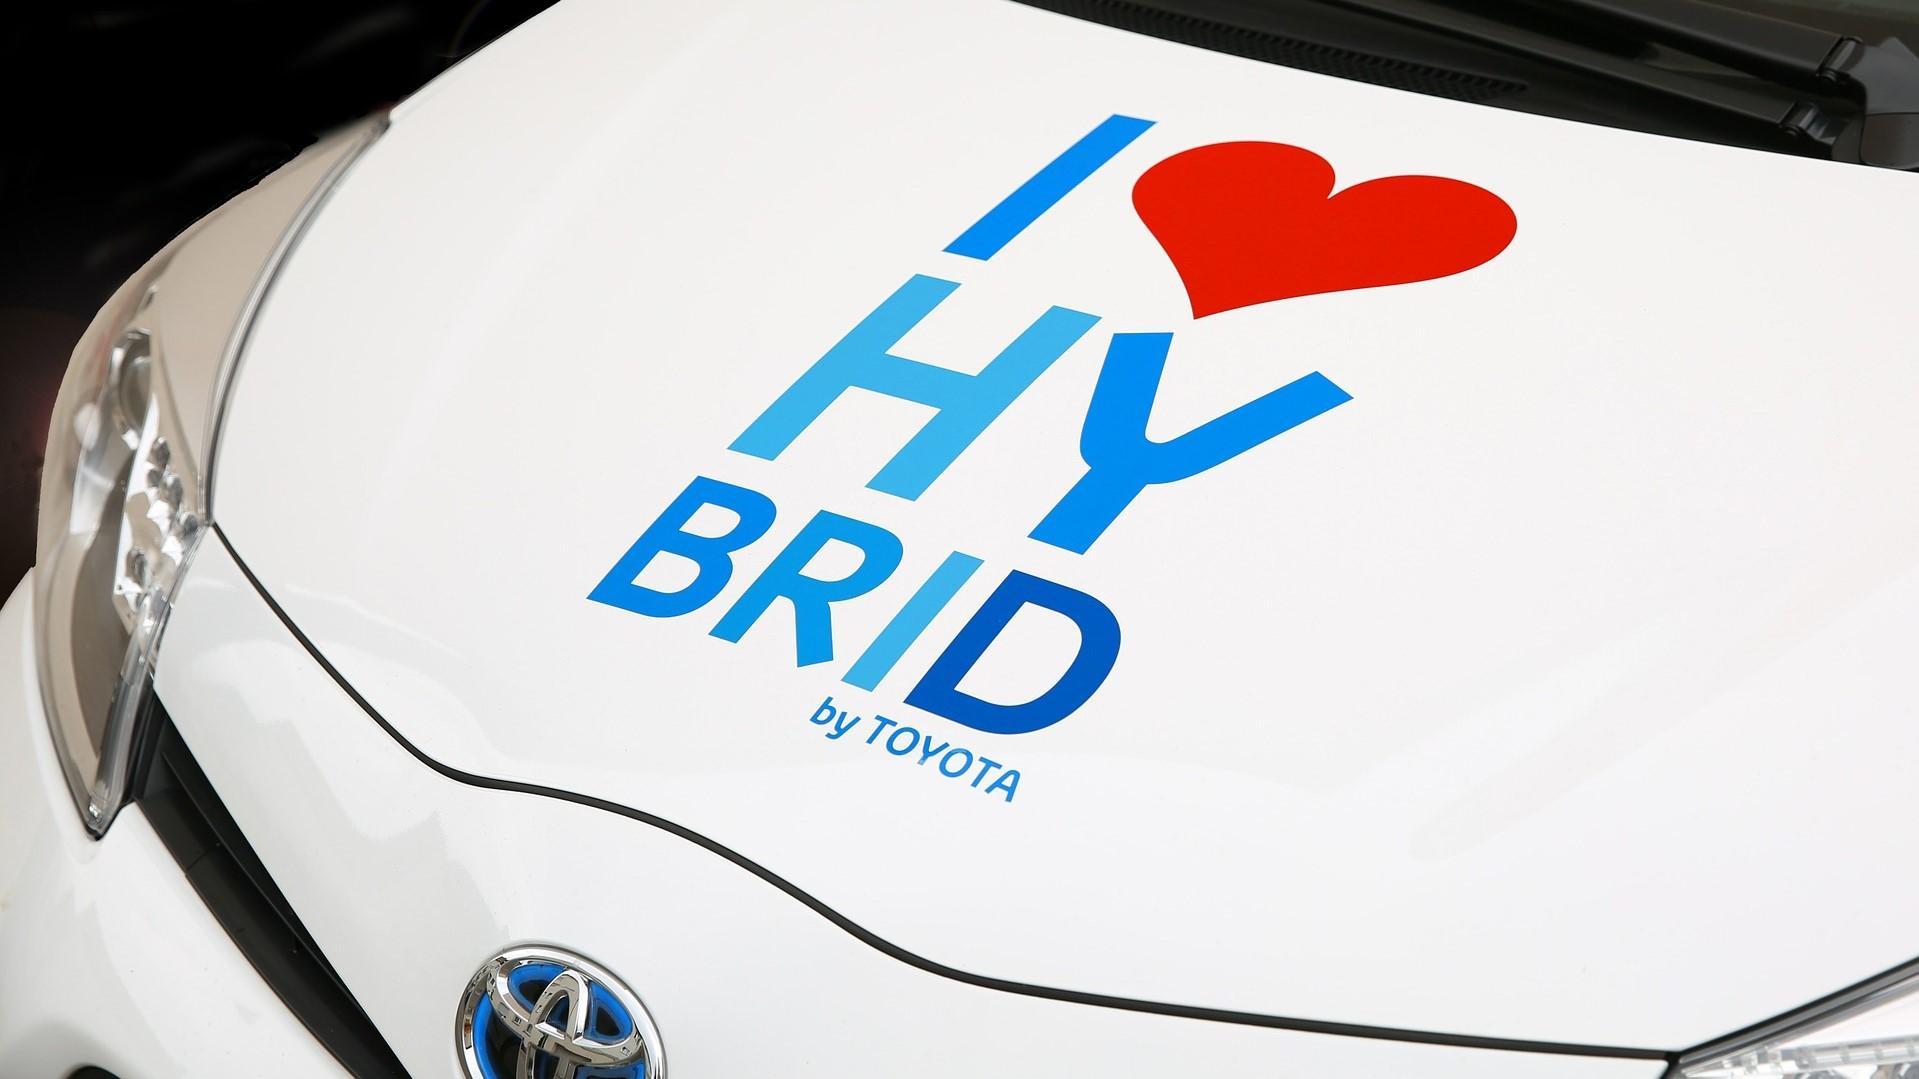 KFZ-Steuer für Hybrid-Fahrzeuge: Wie viel Steuern muss ich zahlen?